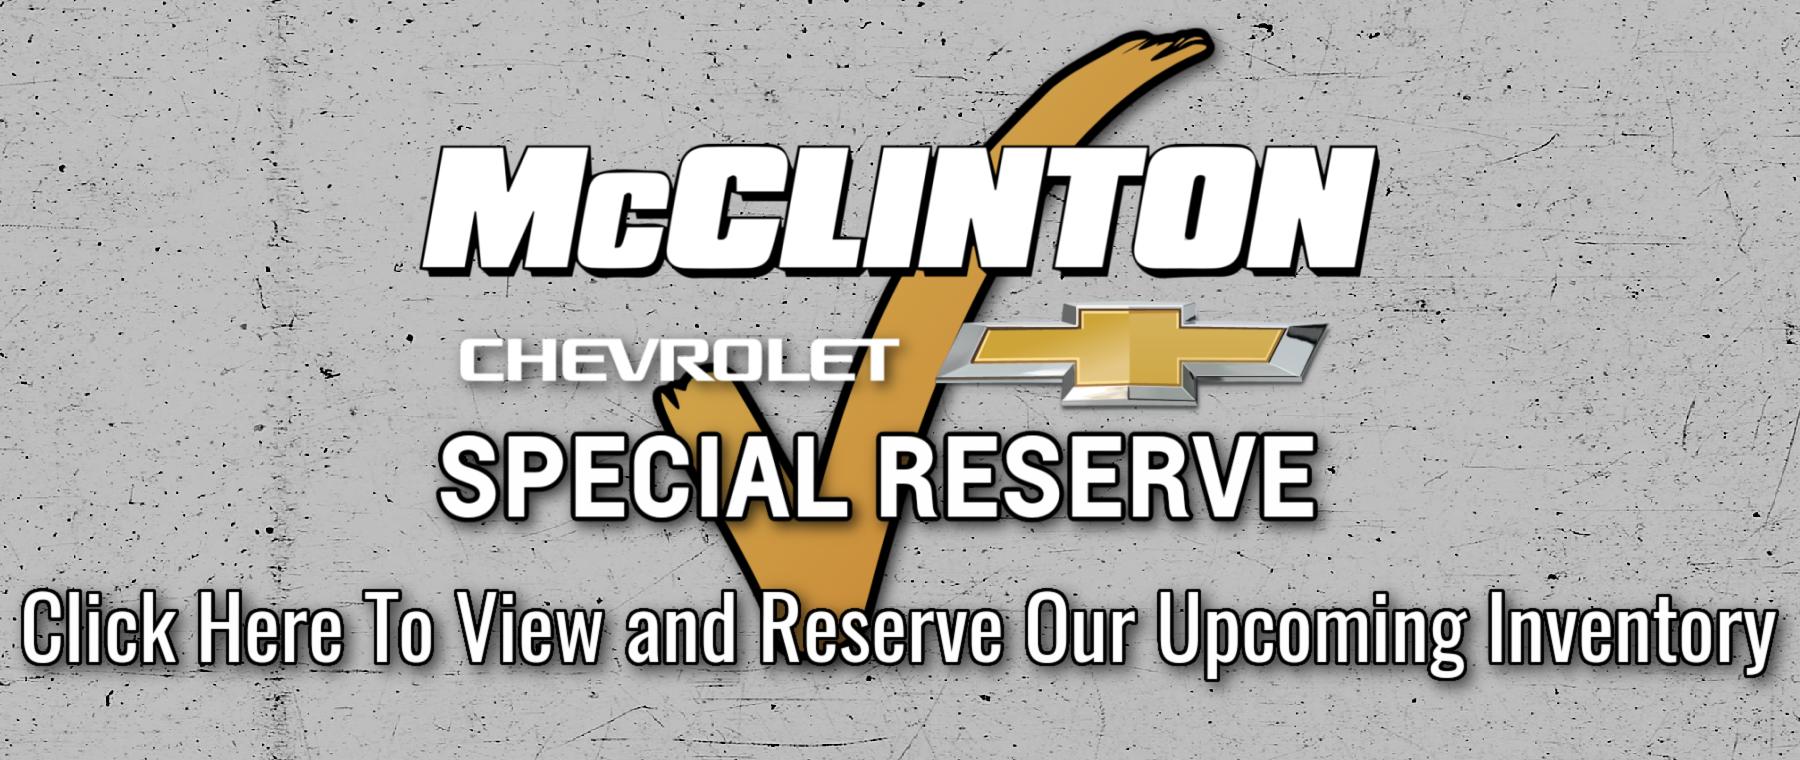 Special Reserve Slide